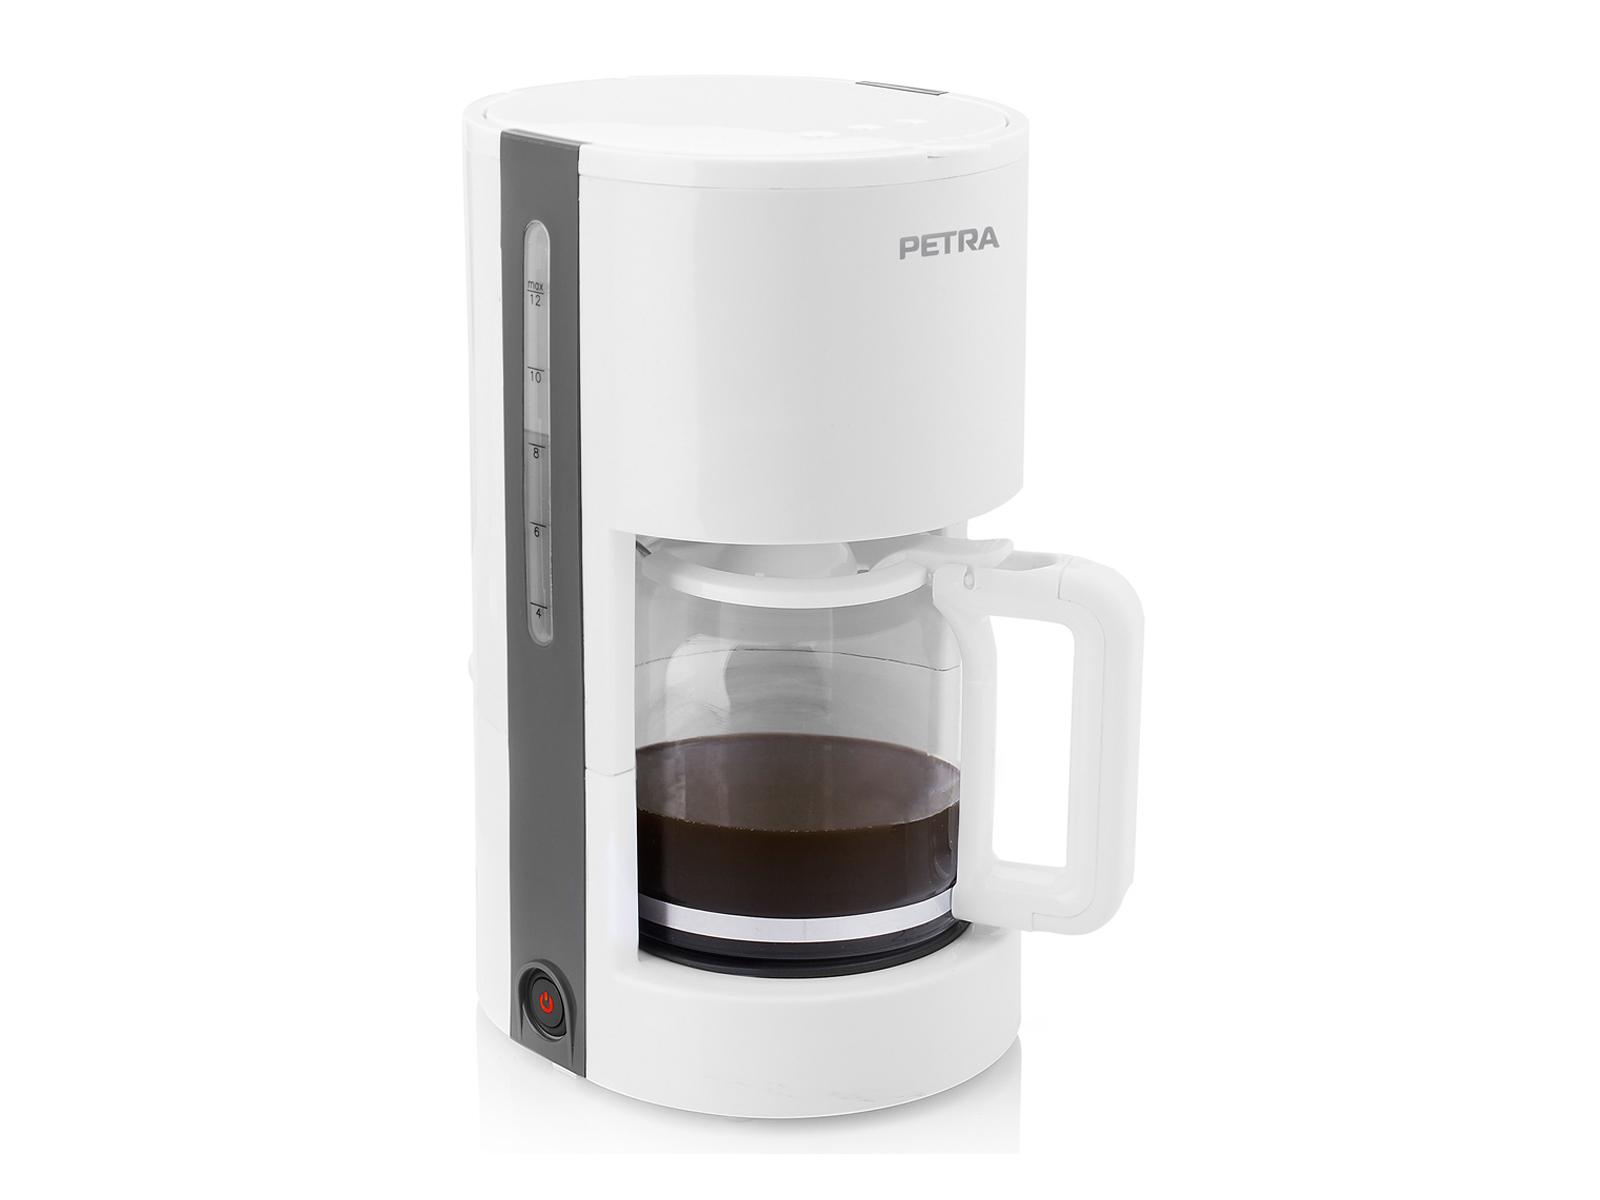 moderne 1 2 liter kaffeemaschine arktisch wei von petra. Black Bedroom Furniture Sets. Home Design Ideas